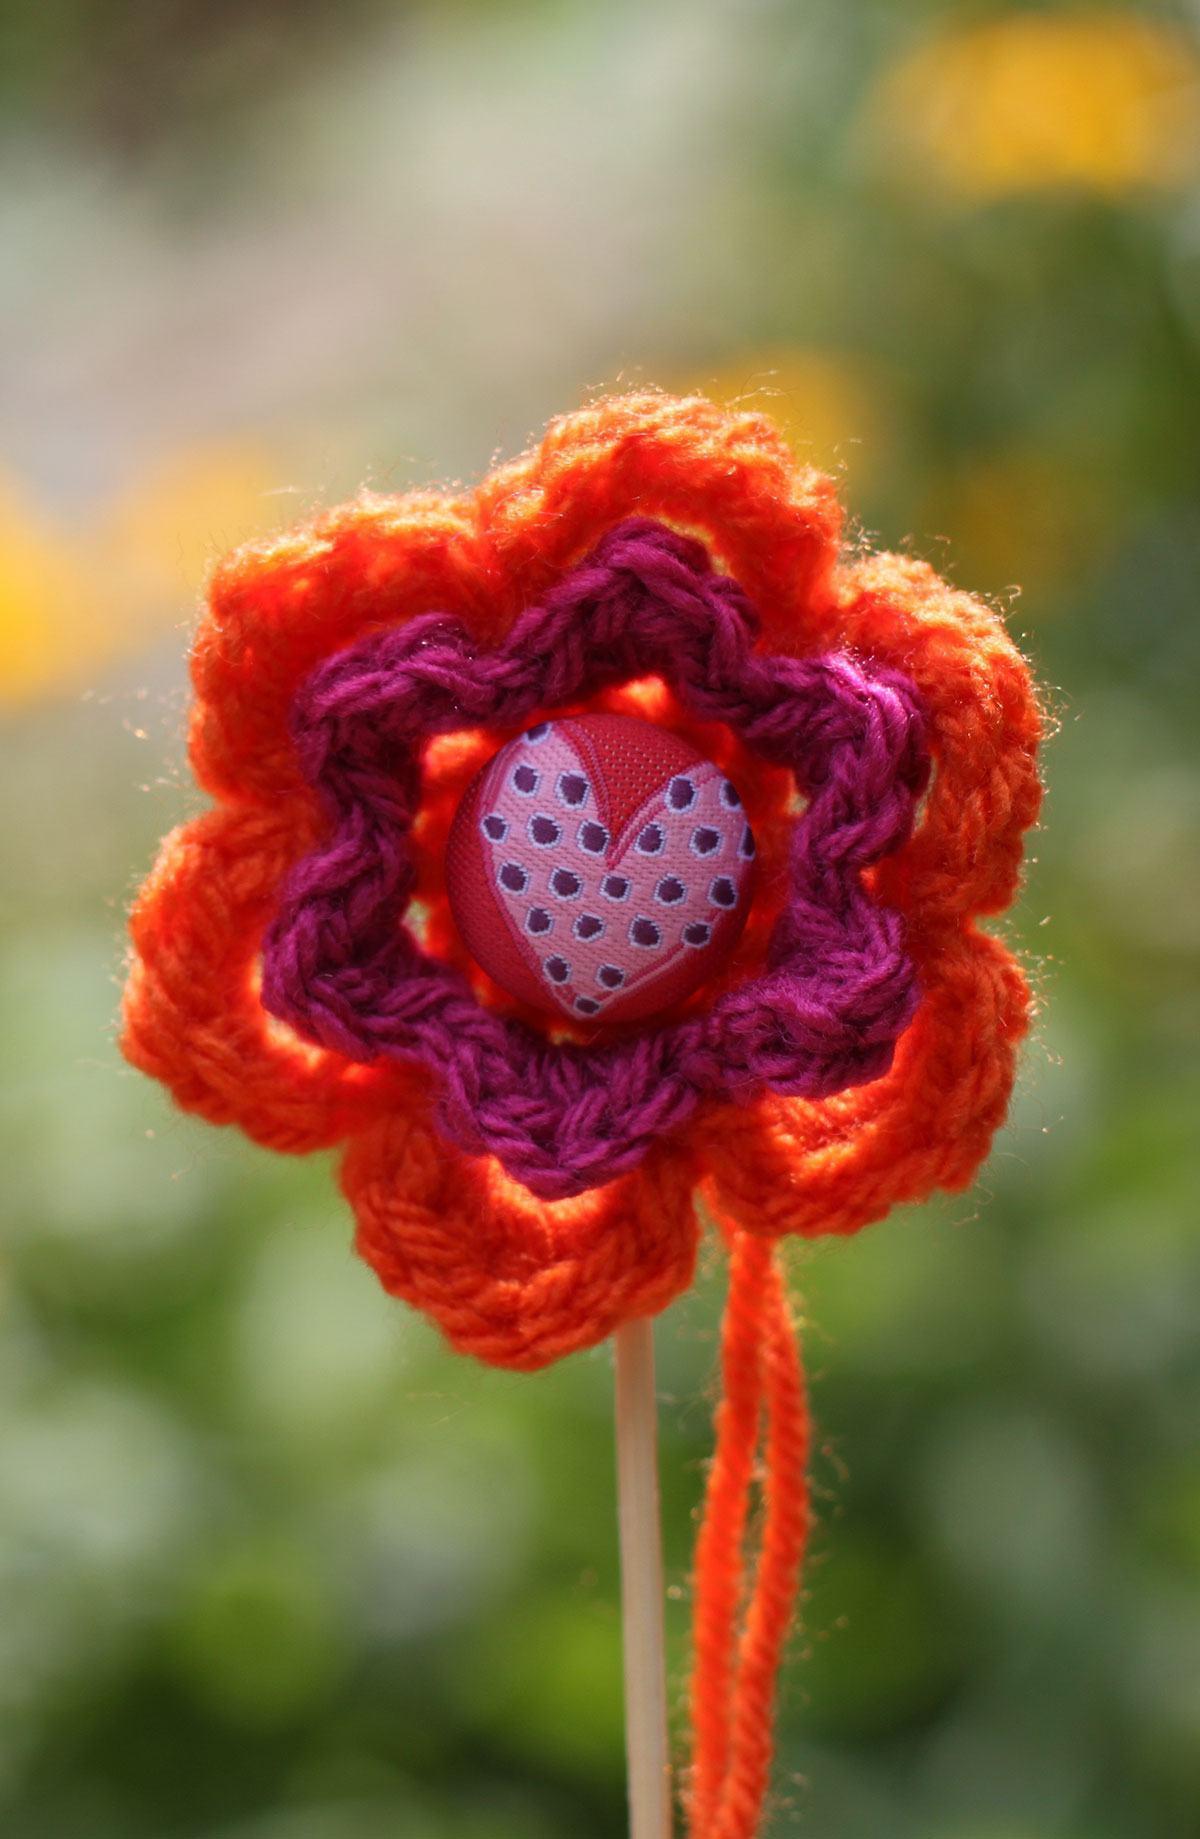 Linda flor de crochê grande com botão no centro